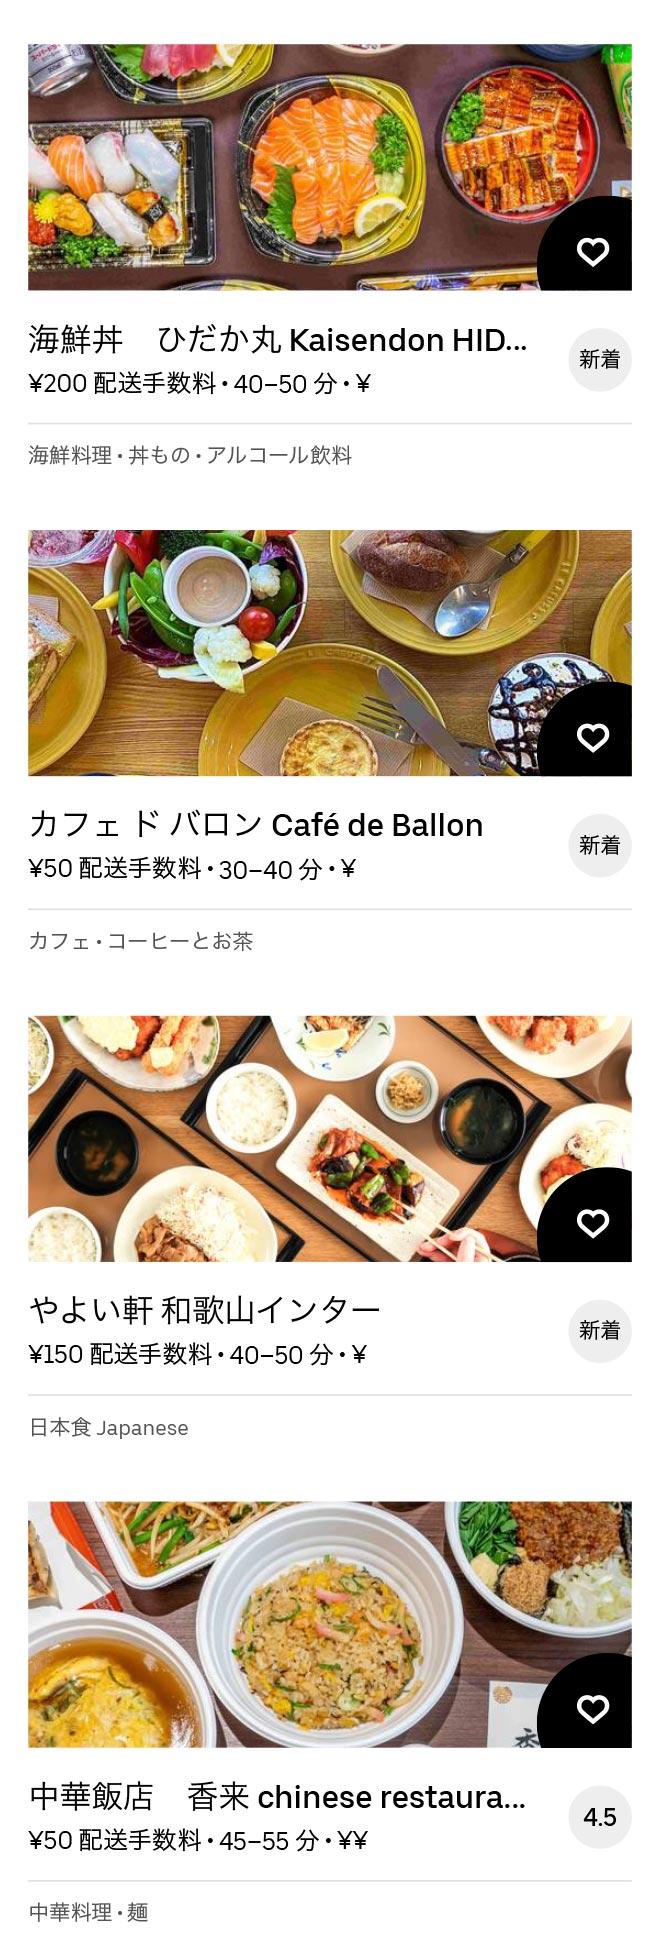 Wakayama menu 2011 3